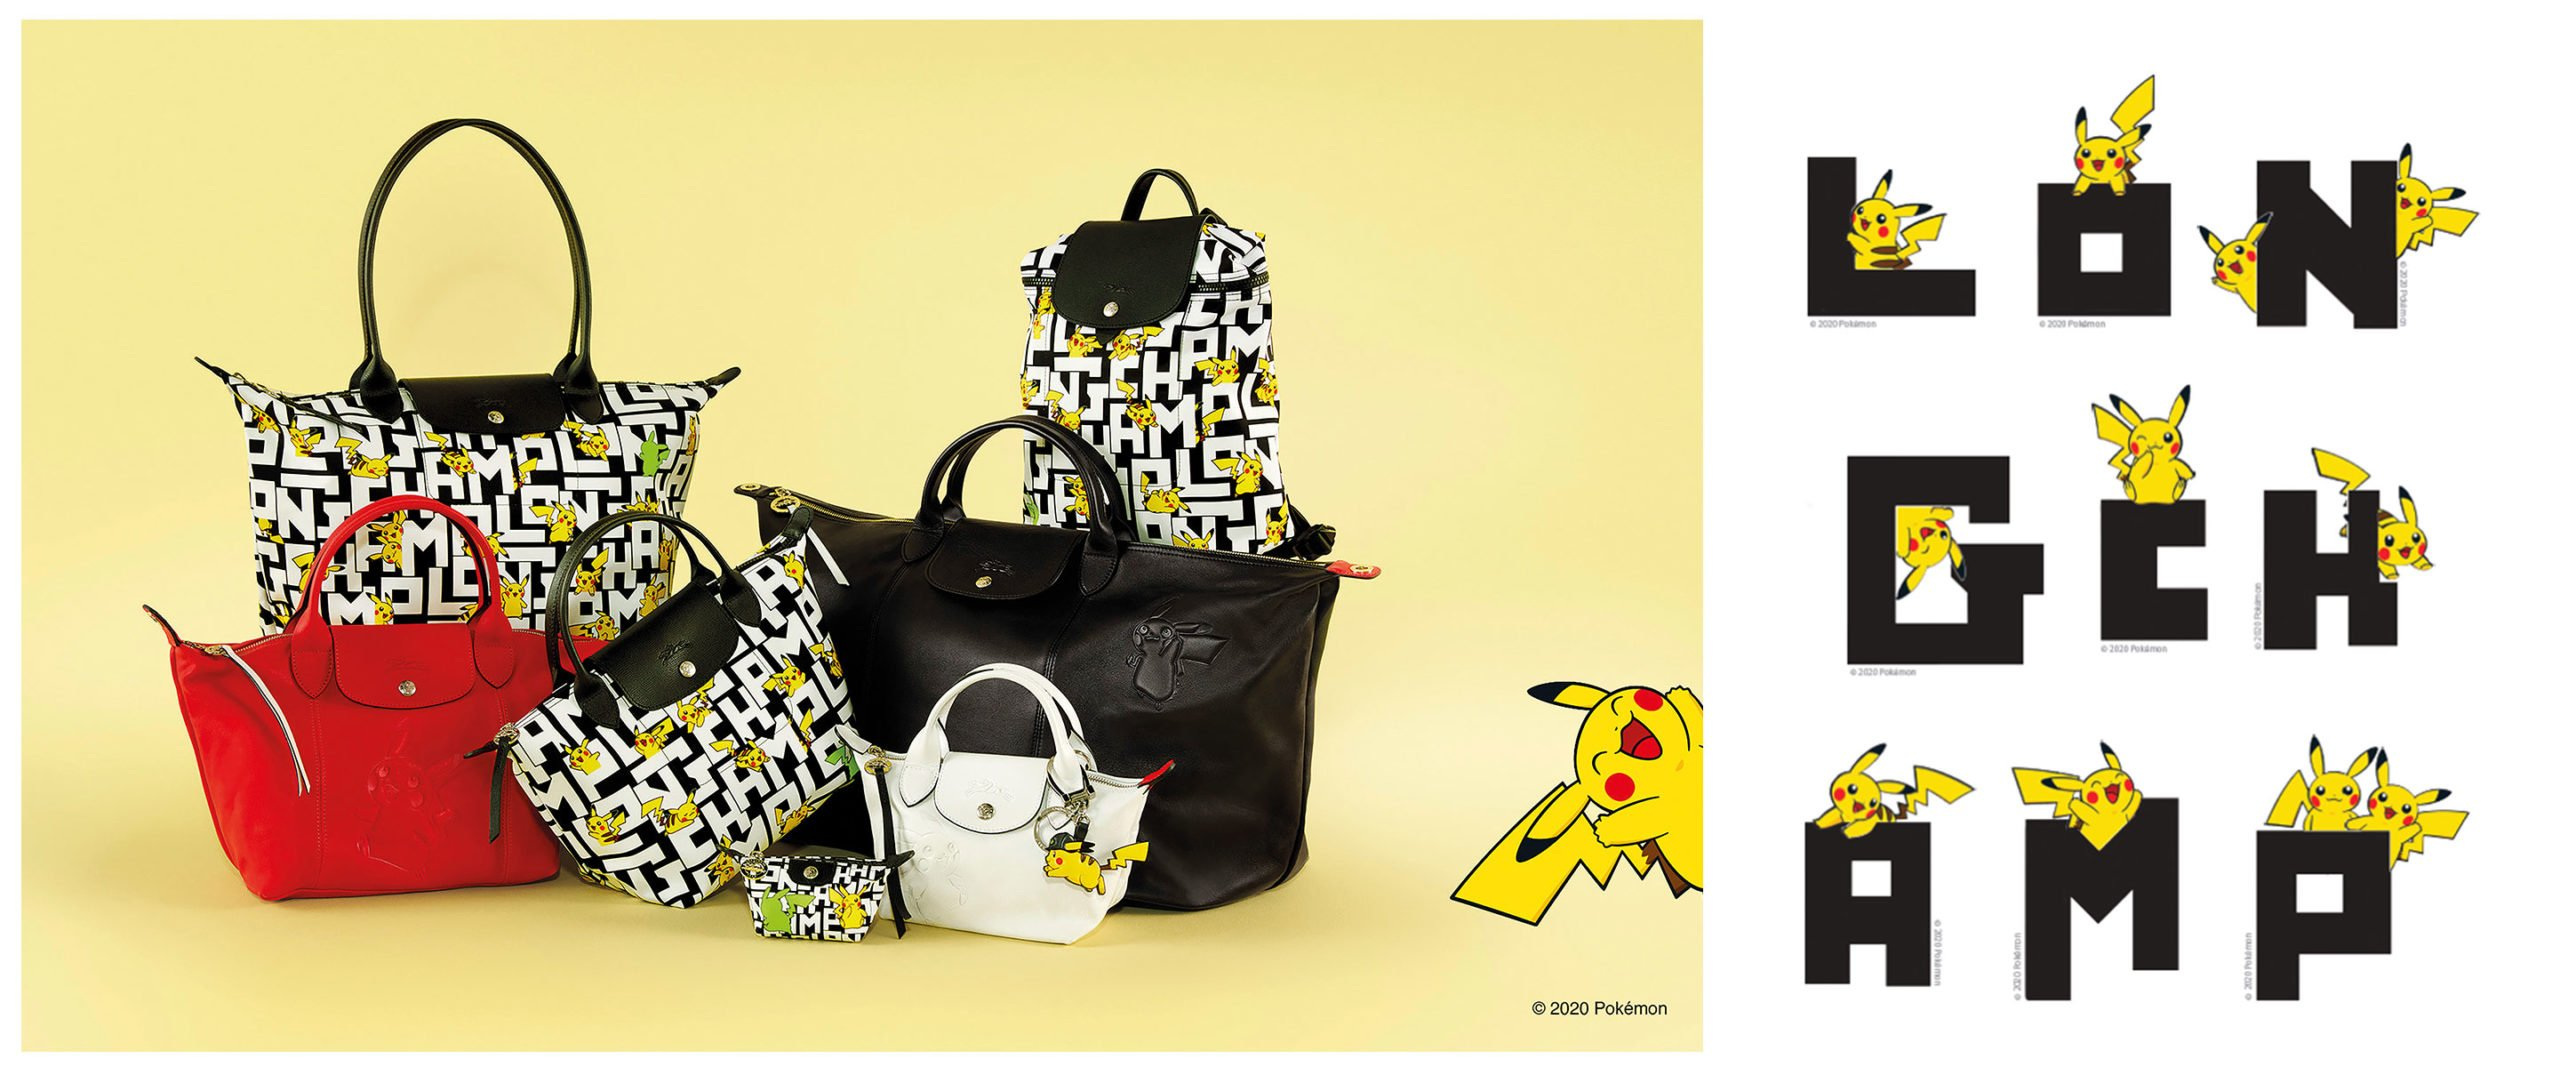 Longchamp dévoile une collection de sacs Pokémon   Journal du Geek